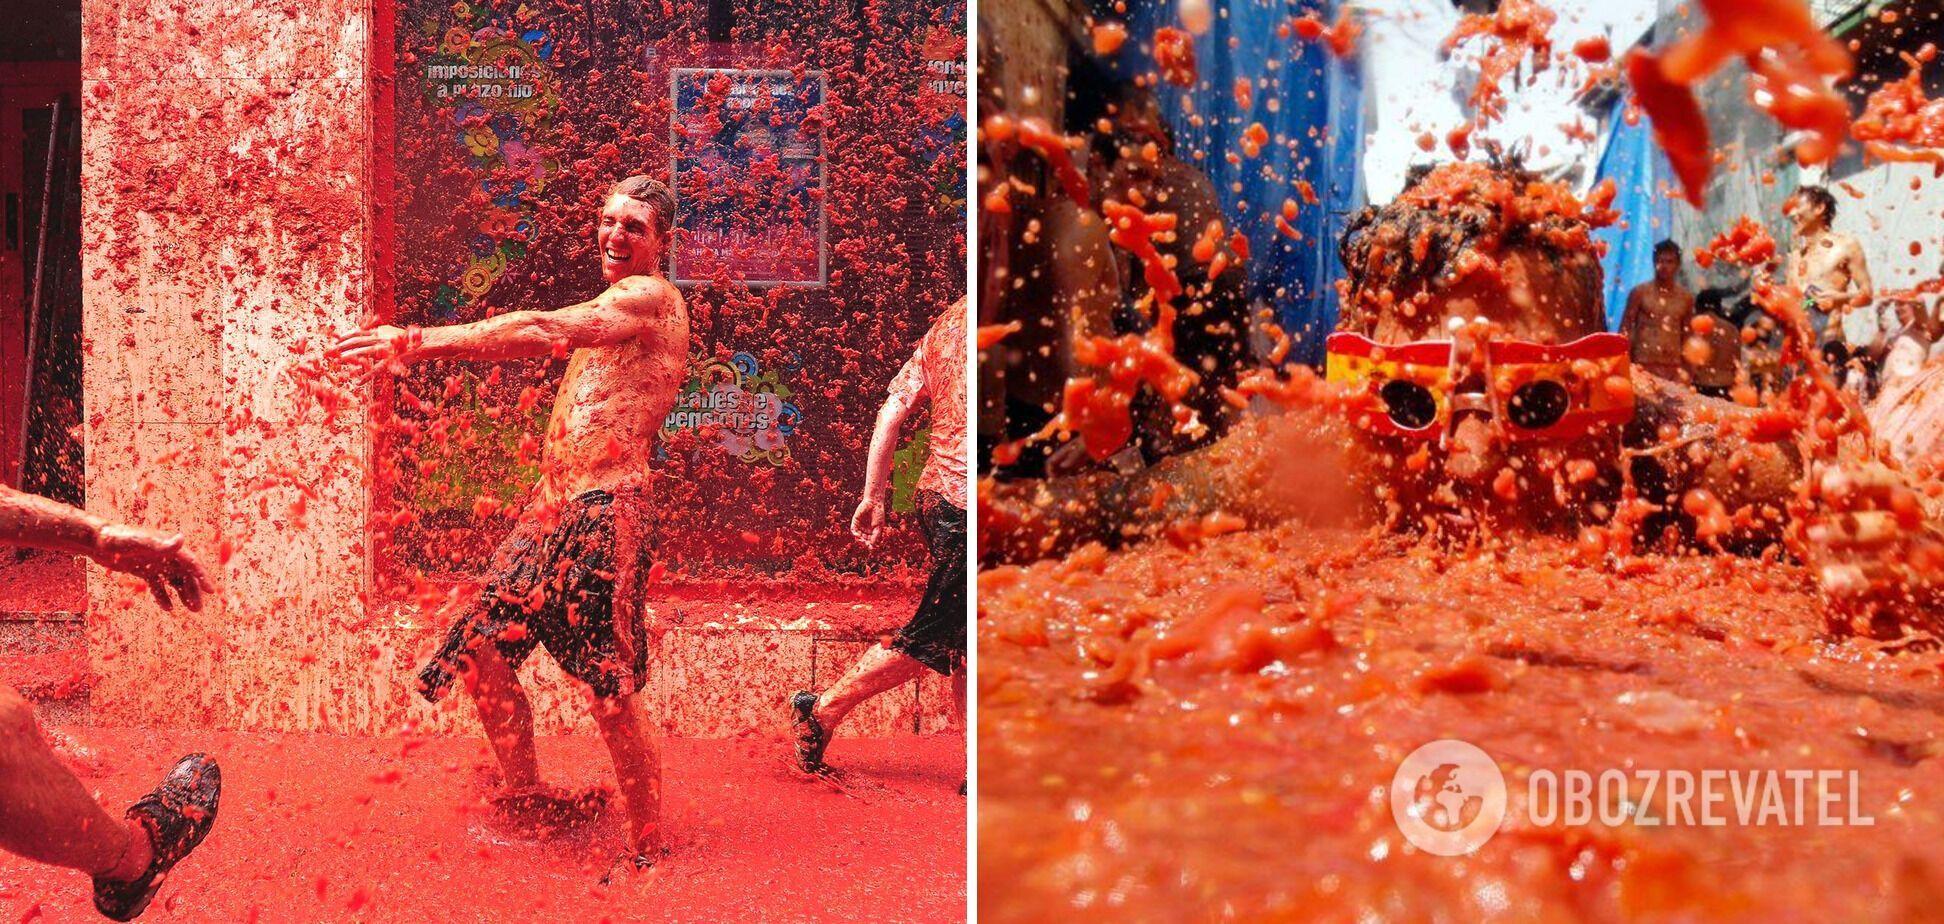 Ля Томантина – фестиваль в Испании, когда бросаются помидорами